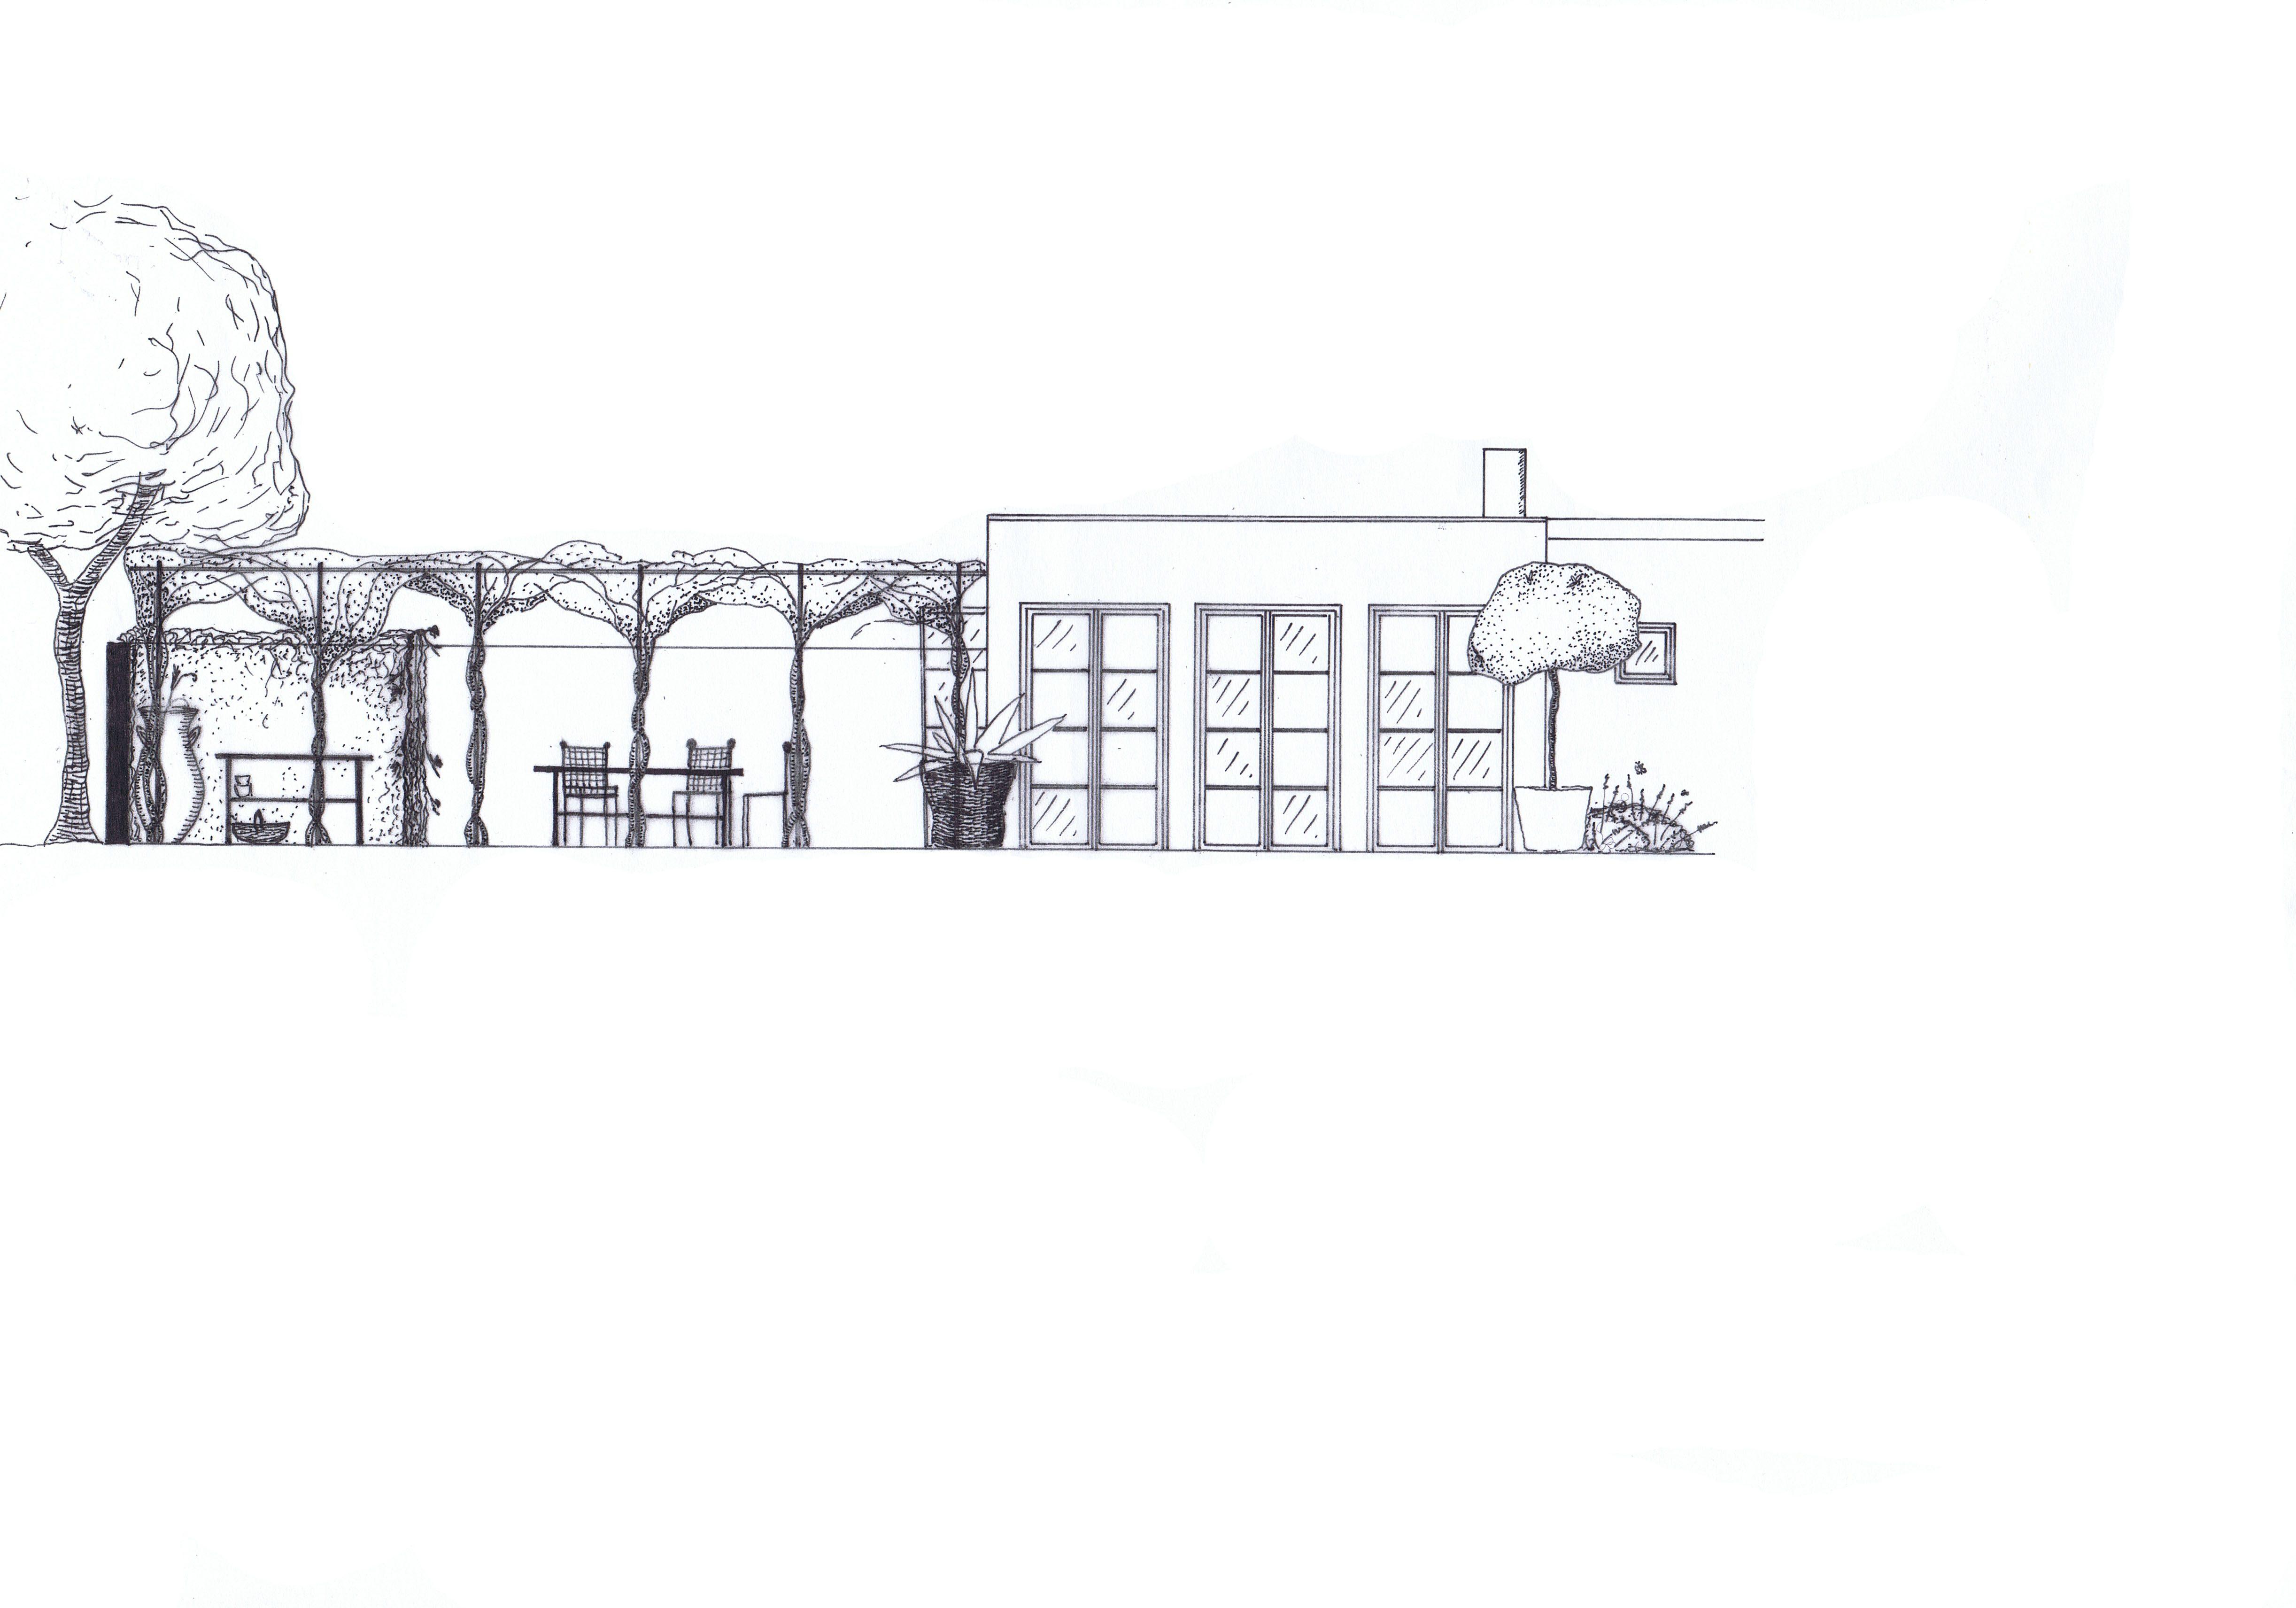 Trädgårdsdesign, pergola, medelhavsstil, Trädgårdsarkitektur